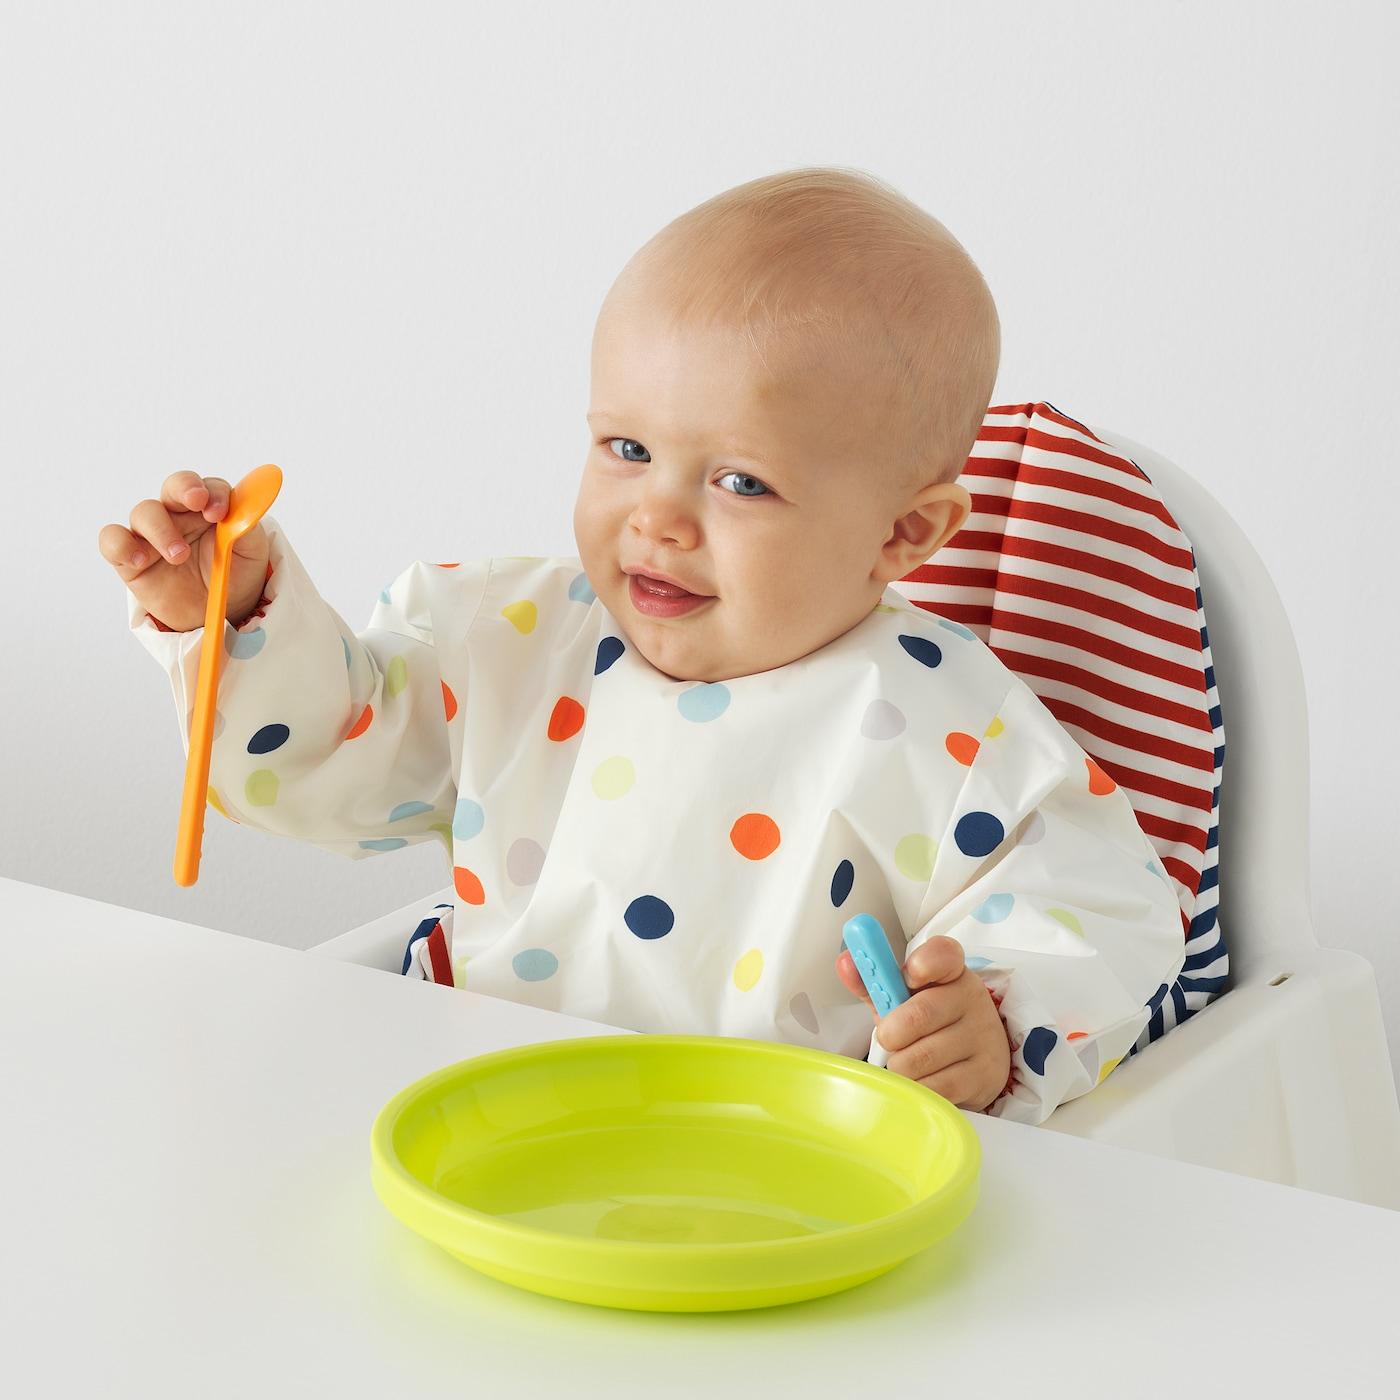 Age 0-18 Months Baby Toddler Children Kids Waterproof Play Apron Red Painting Feeding Smock Cooking Baking Bib